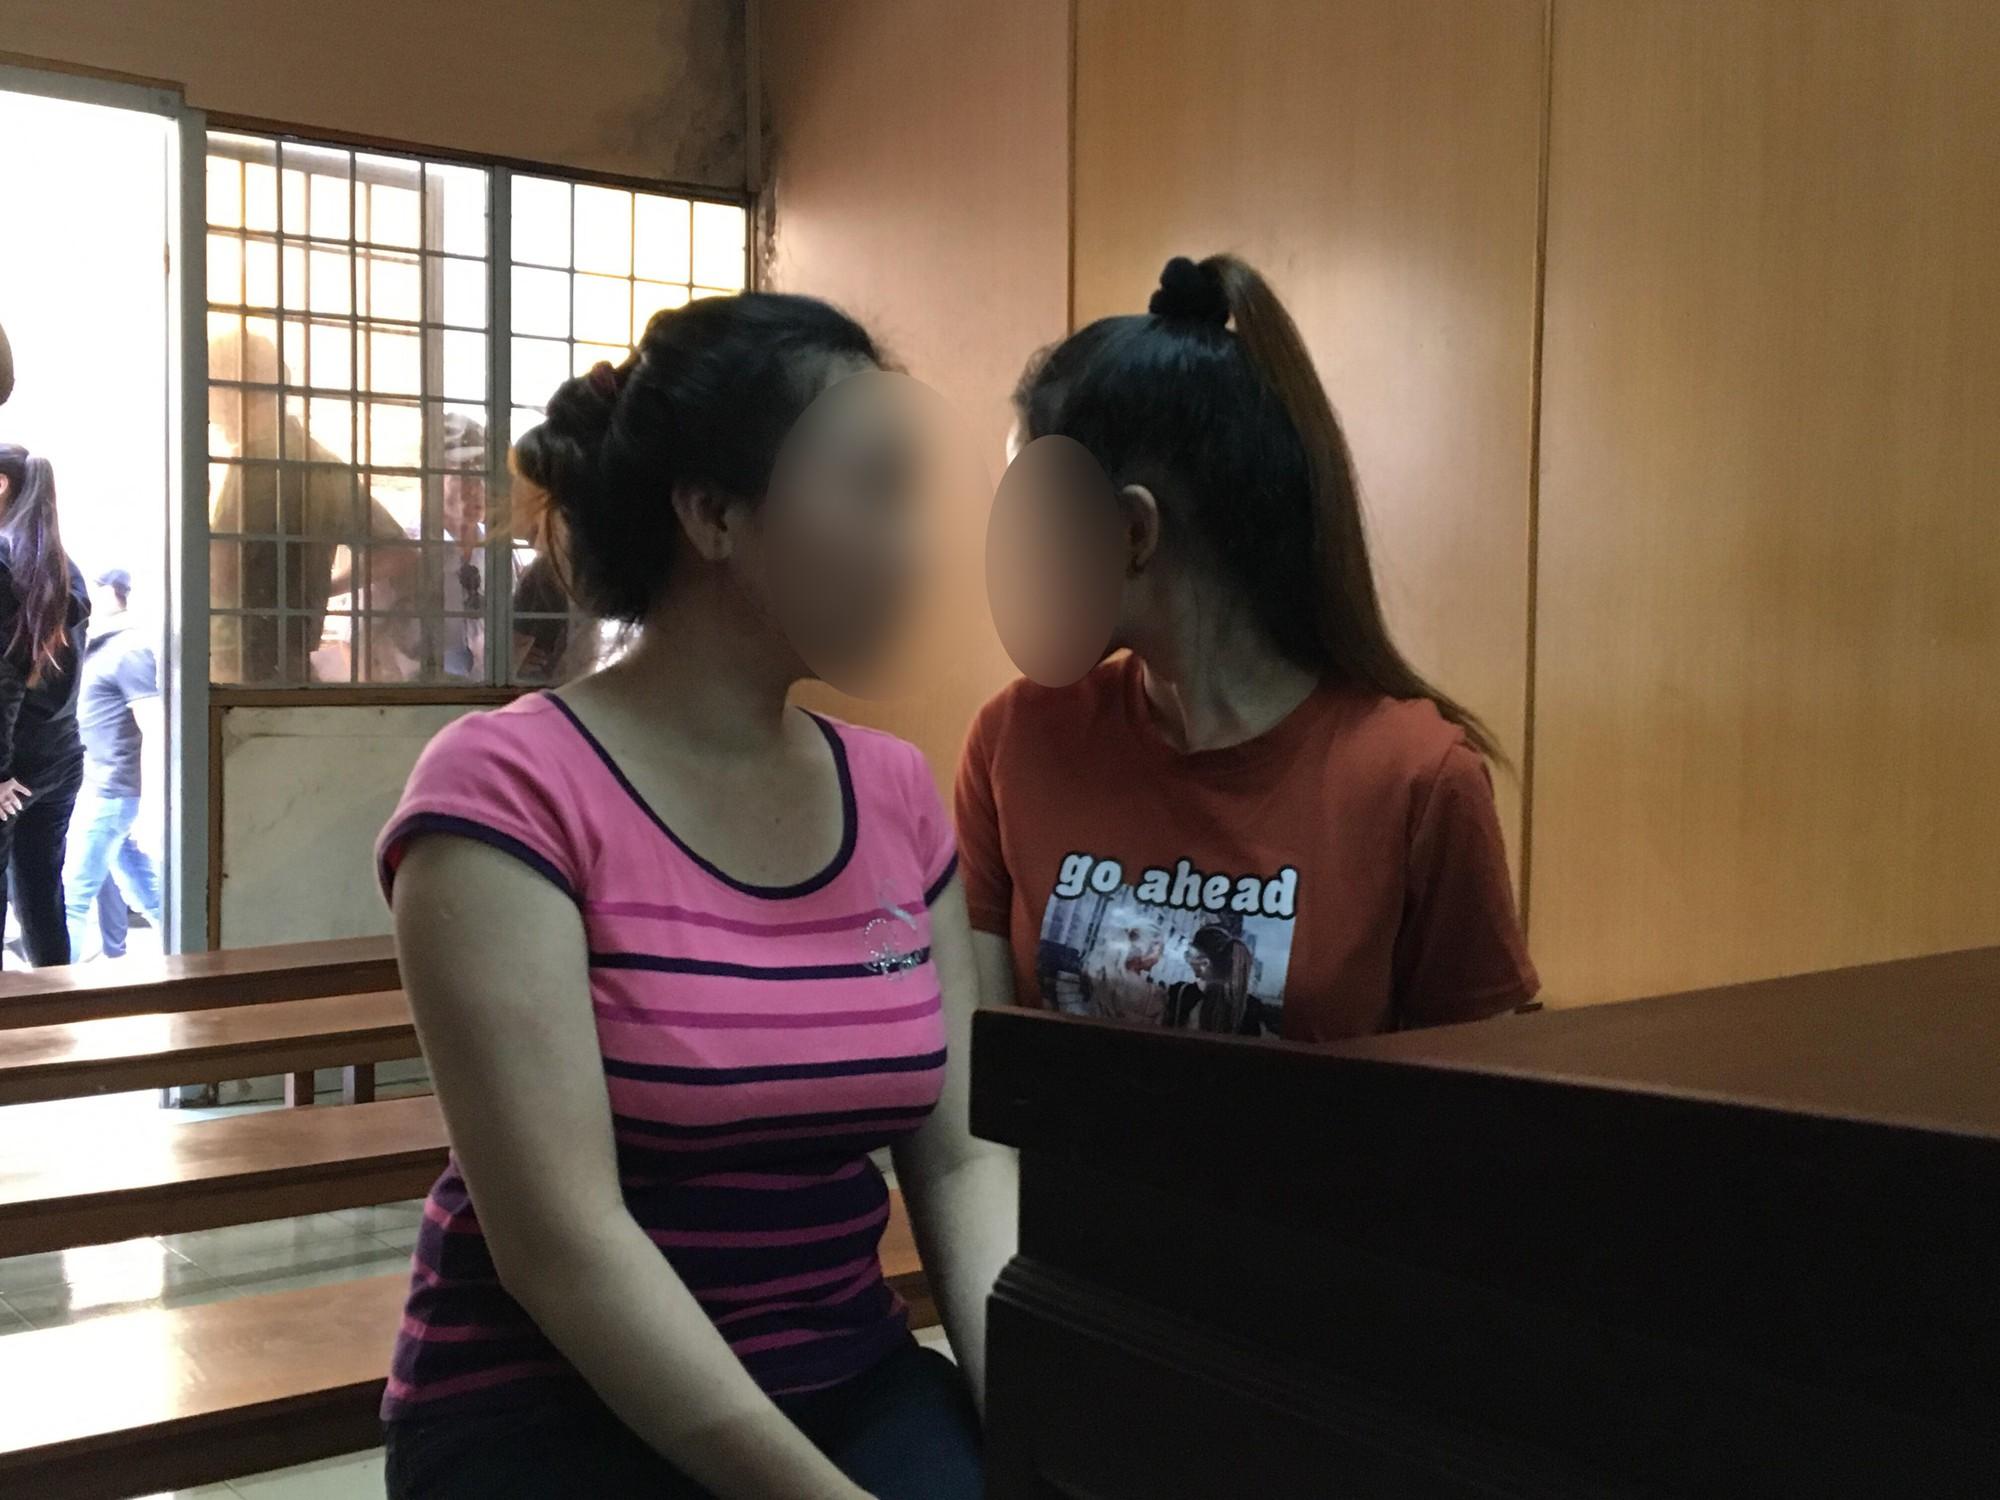 """Xét xử diễn viên, MC, hoa khôi bán dâm nghìn USD ở Sài Gòn: """"Bị cáo nói được khách tặng quà chứ không phải tiền bán dâm"""" - Ảnh 2."""